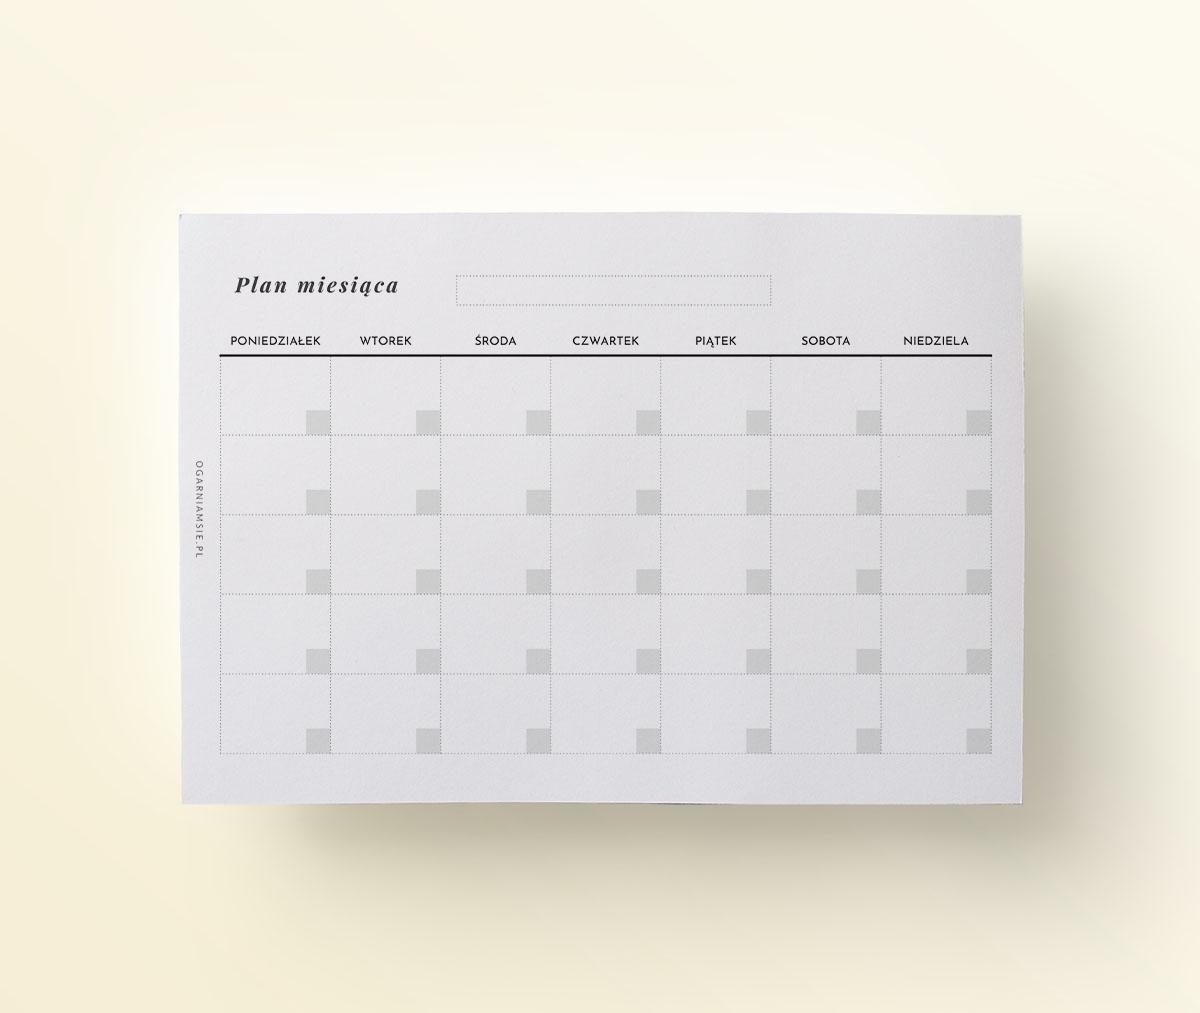 Kalendarz miesięczny bez dat, mockup